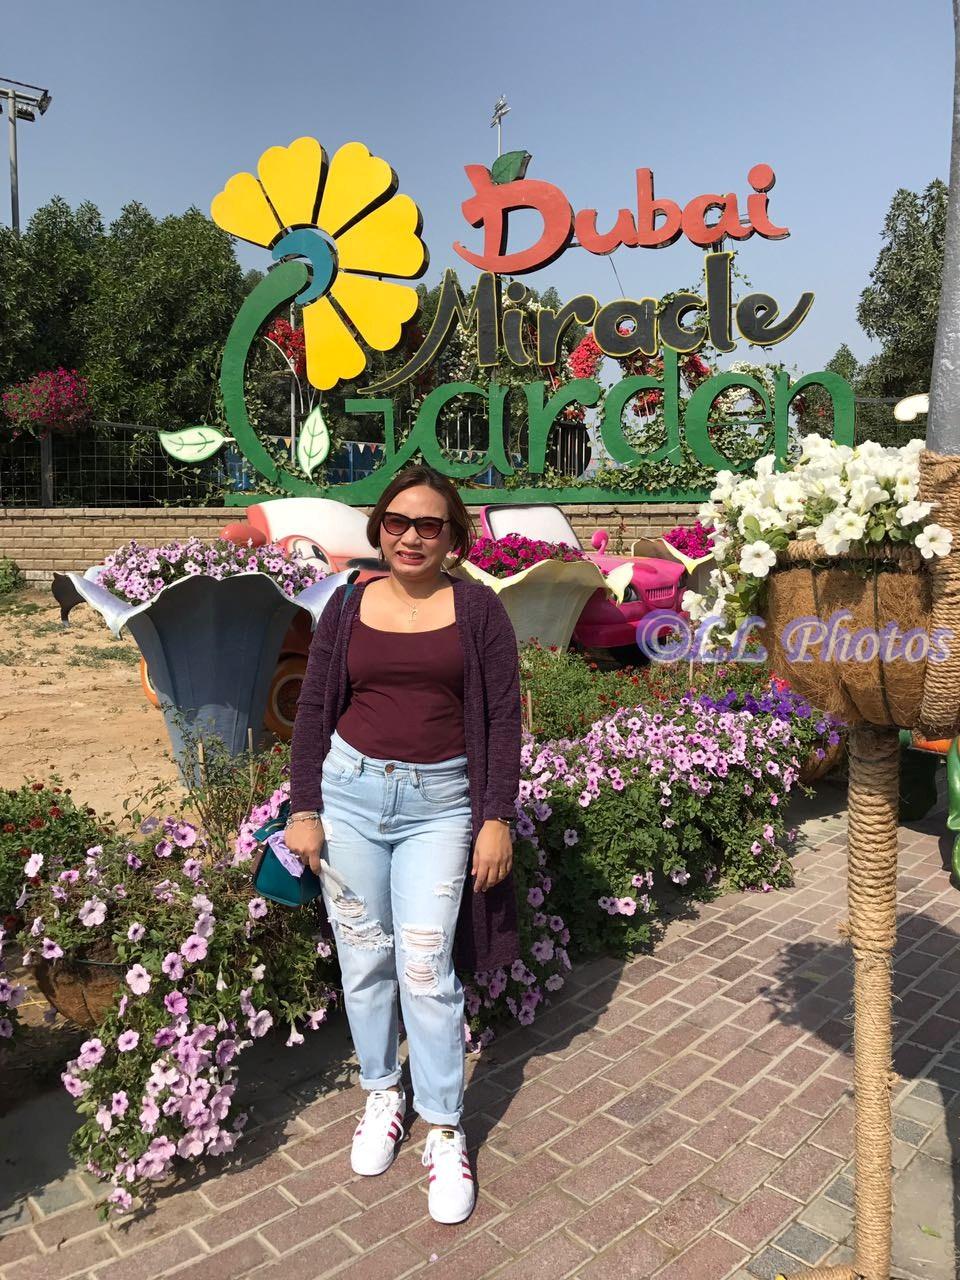 Larla S Haven Dubai Miracle Garden